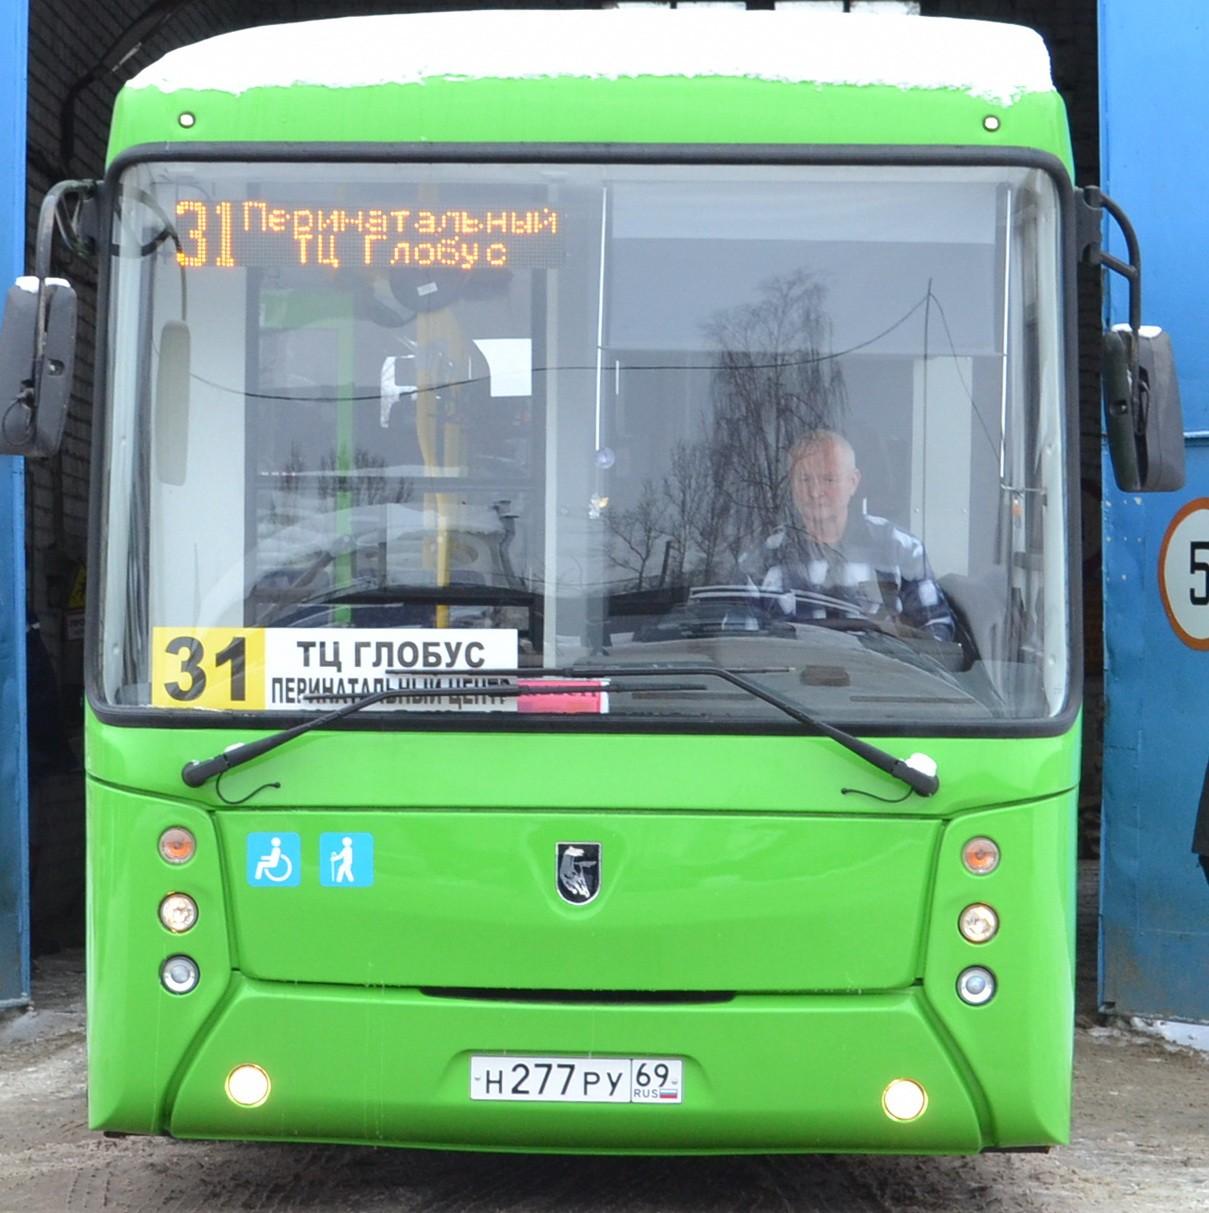 Стало известно, как будет работать общественный транспорт Твери в новогодние праздники